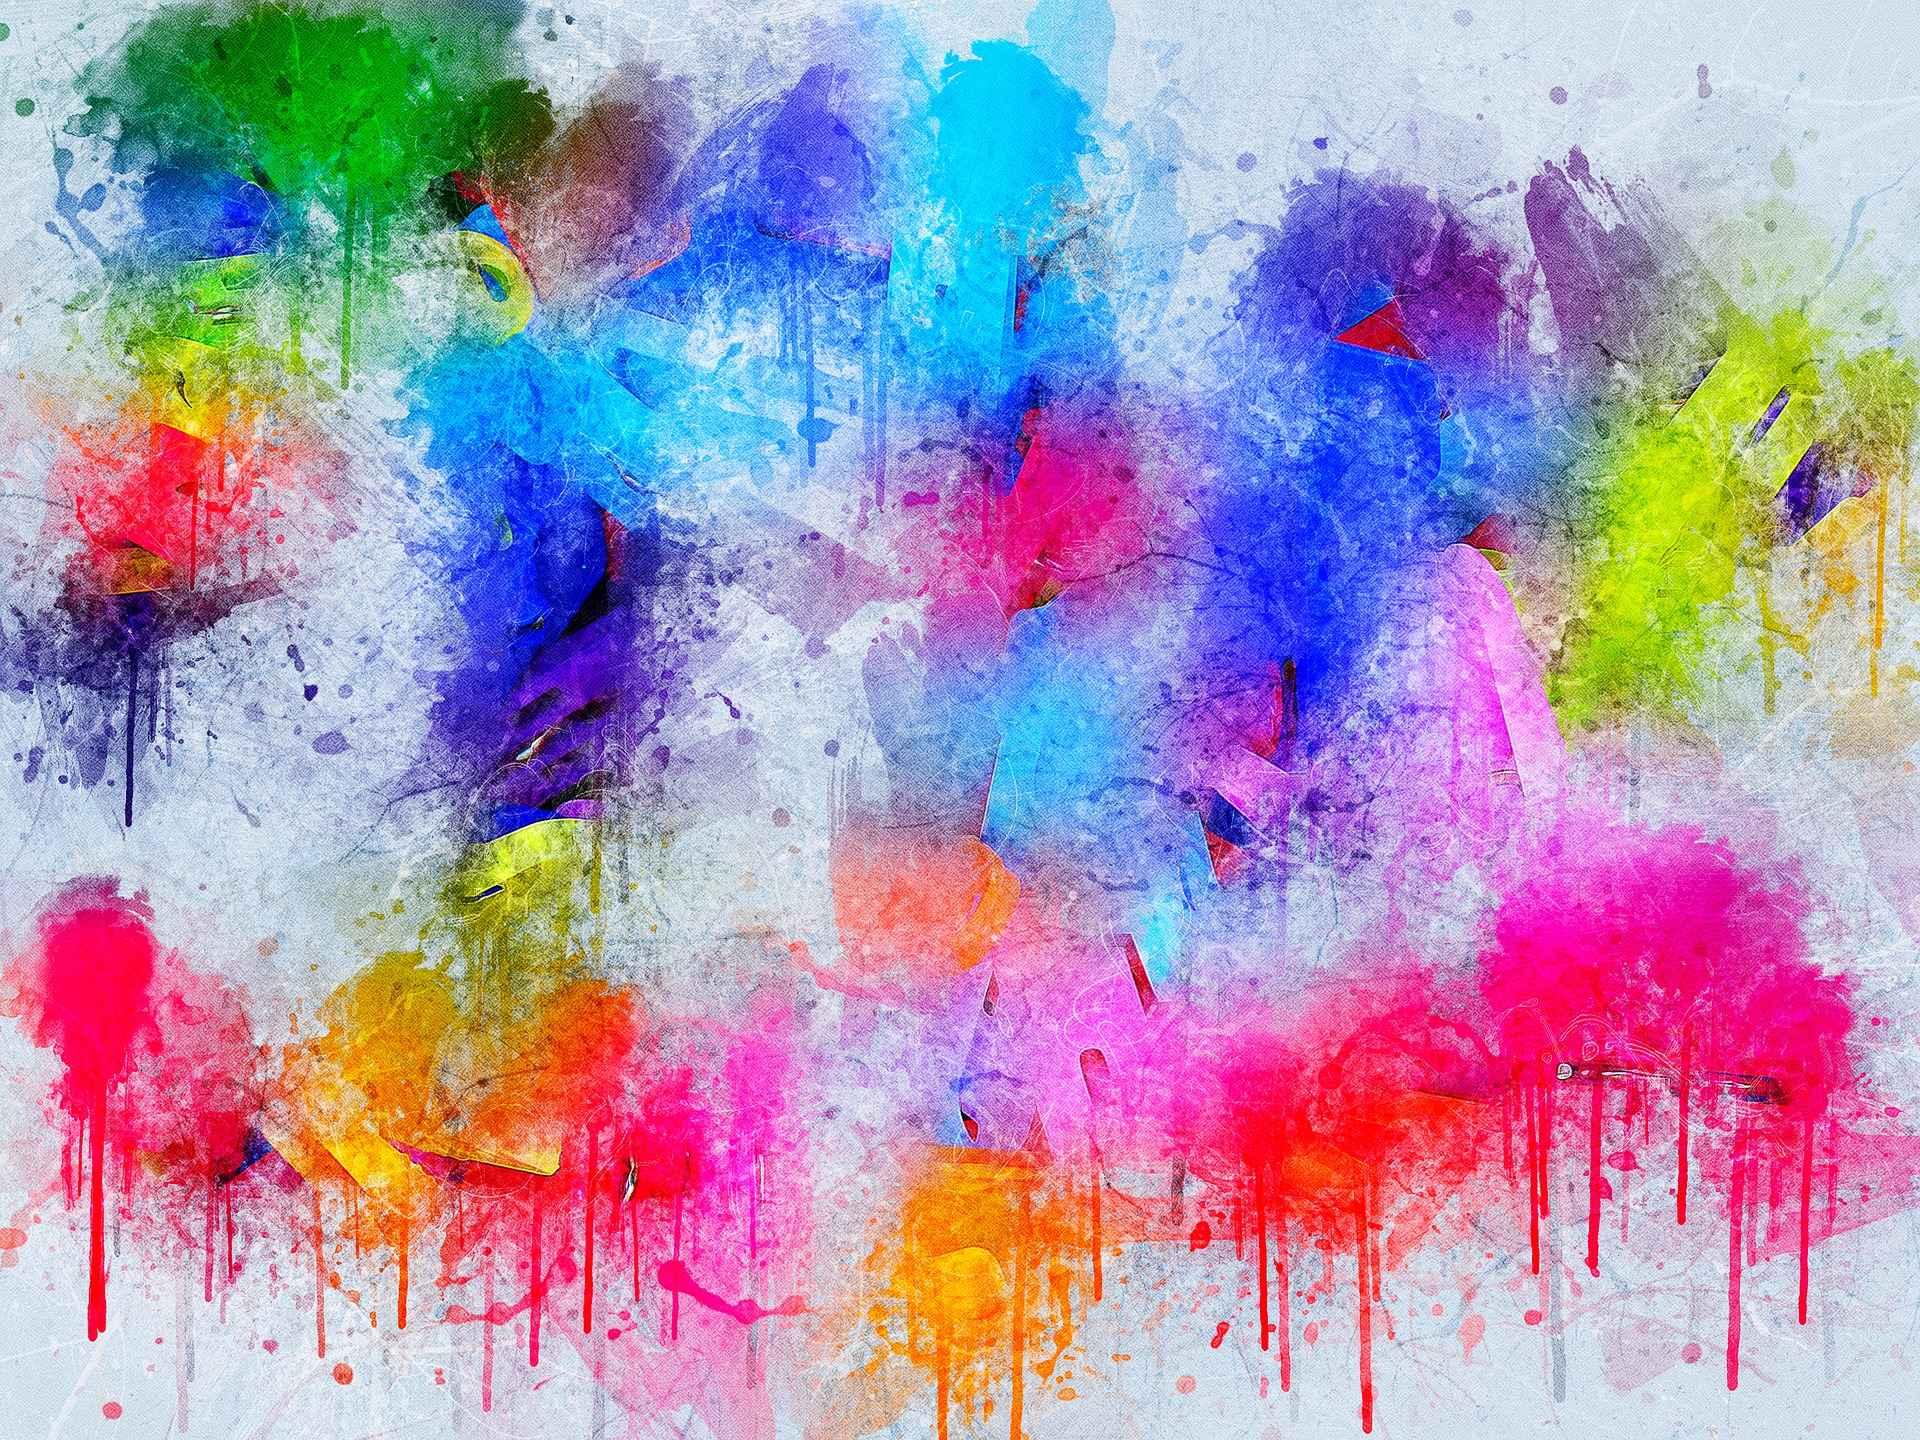 페인트 사진2